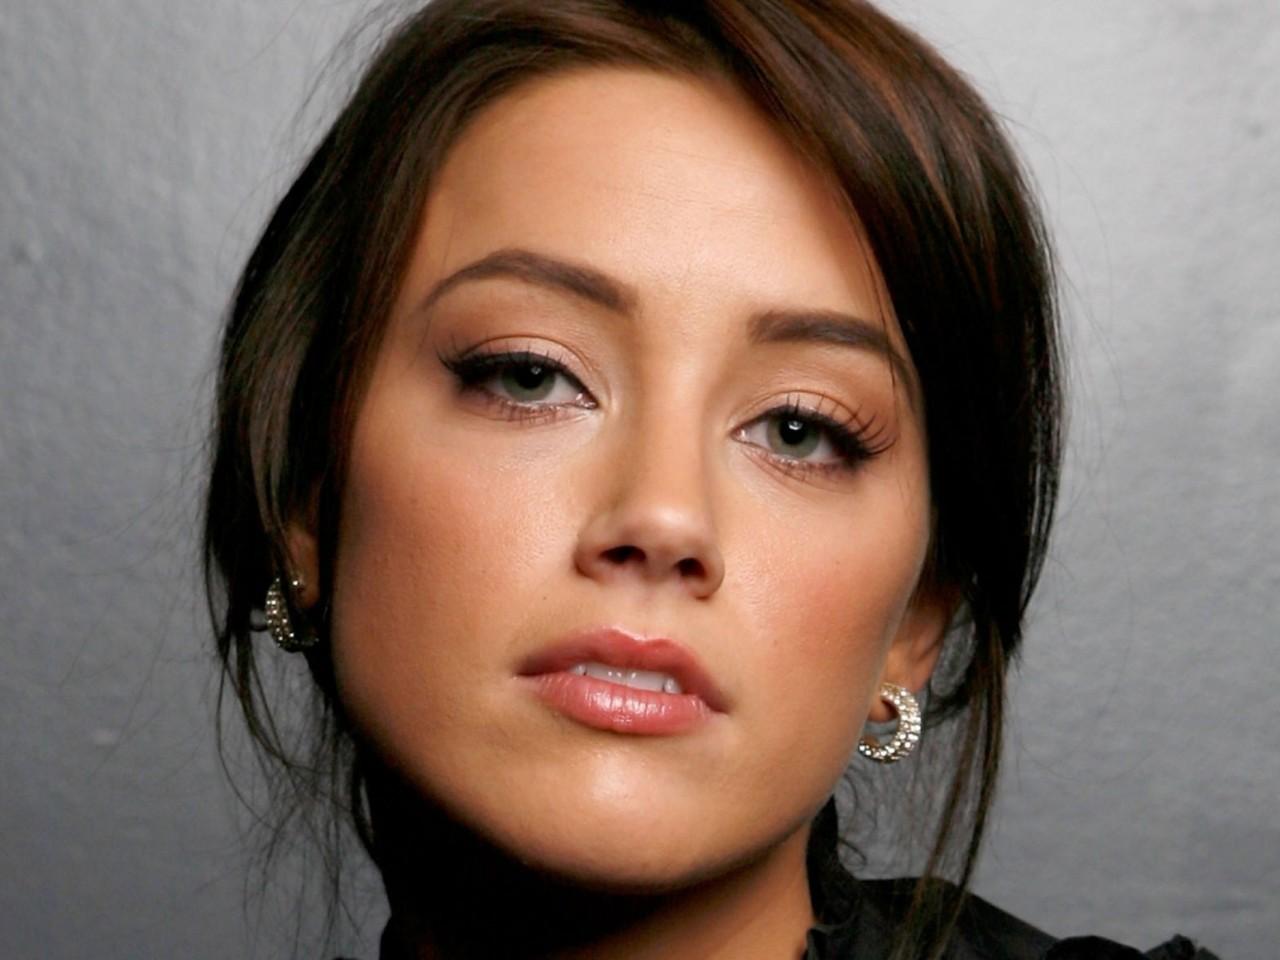 Amber Heard Face Celebrity Actress   HD Bakgrunnsbilder HD Wallpaper